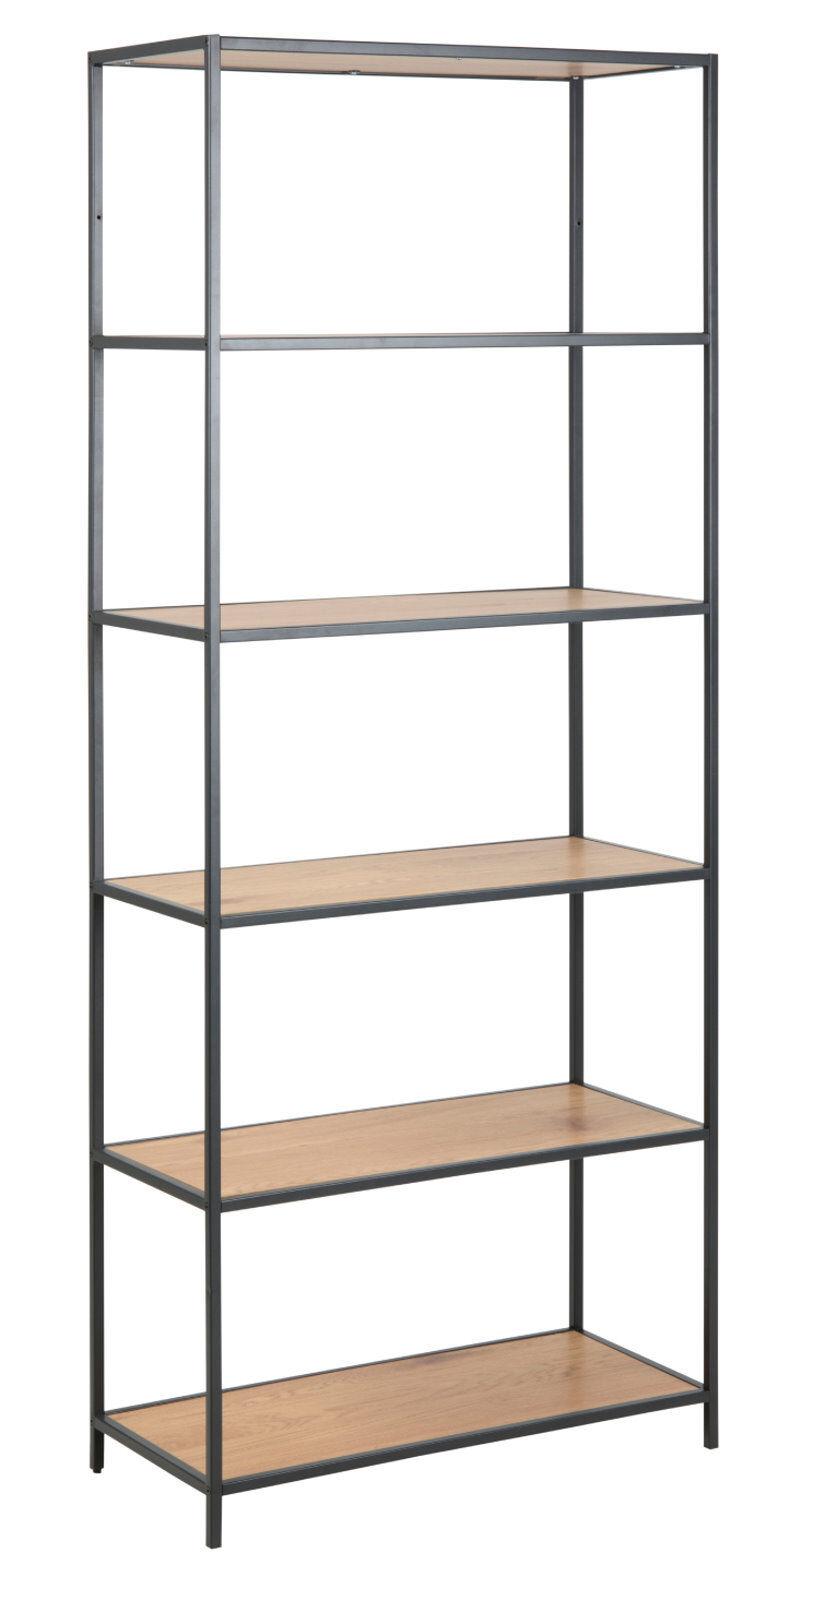 Pkline librería sea pa estante rojo  estante pa de madera estante para estante con soporte estante Wild roble Dekor 48a510